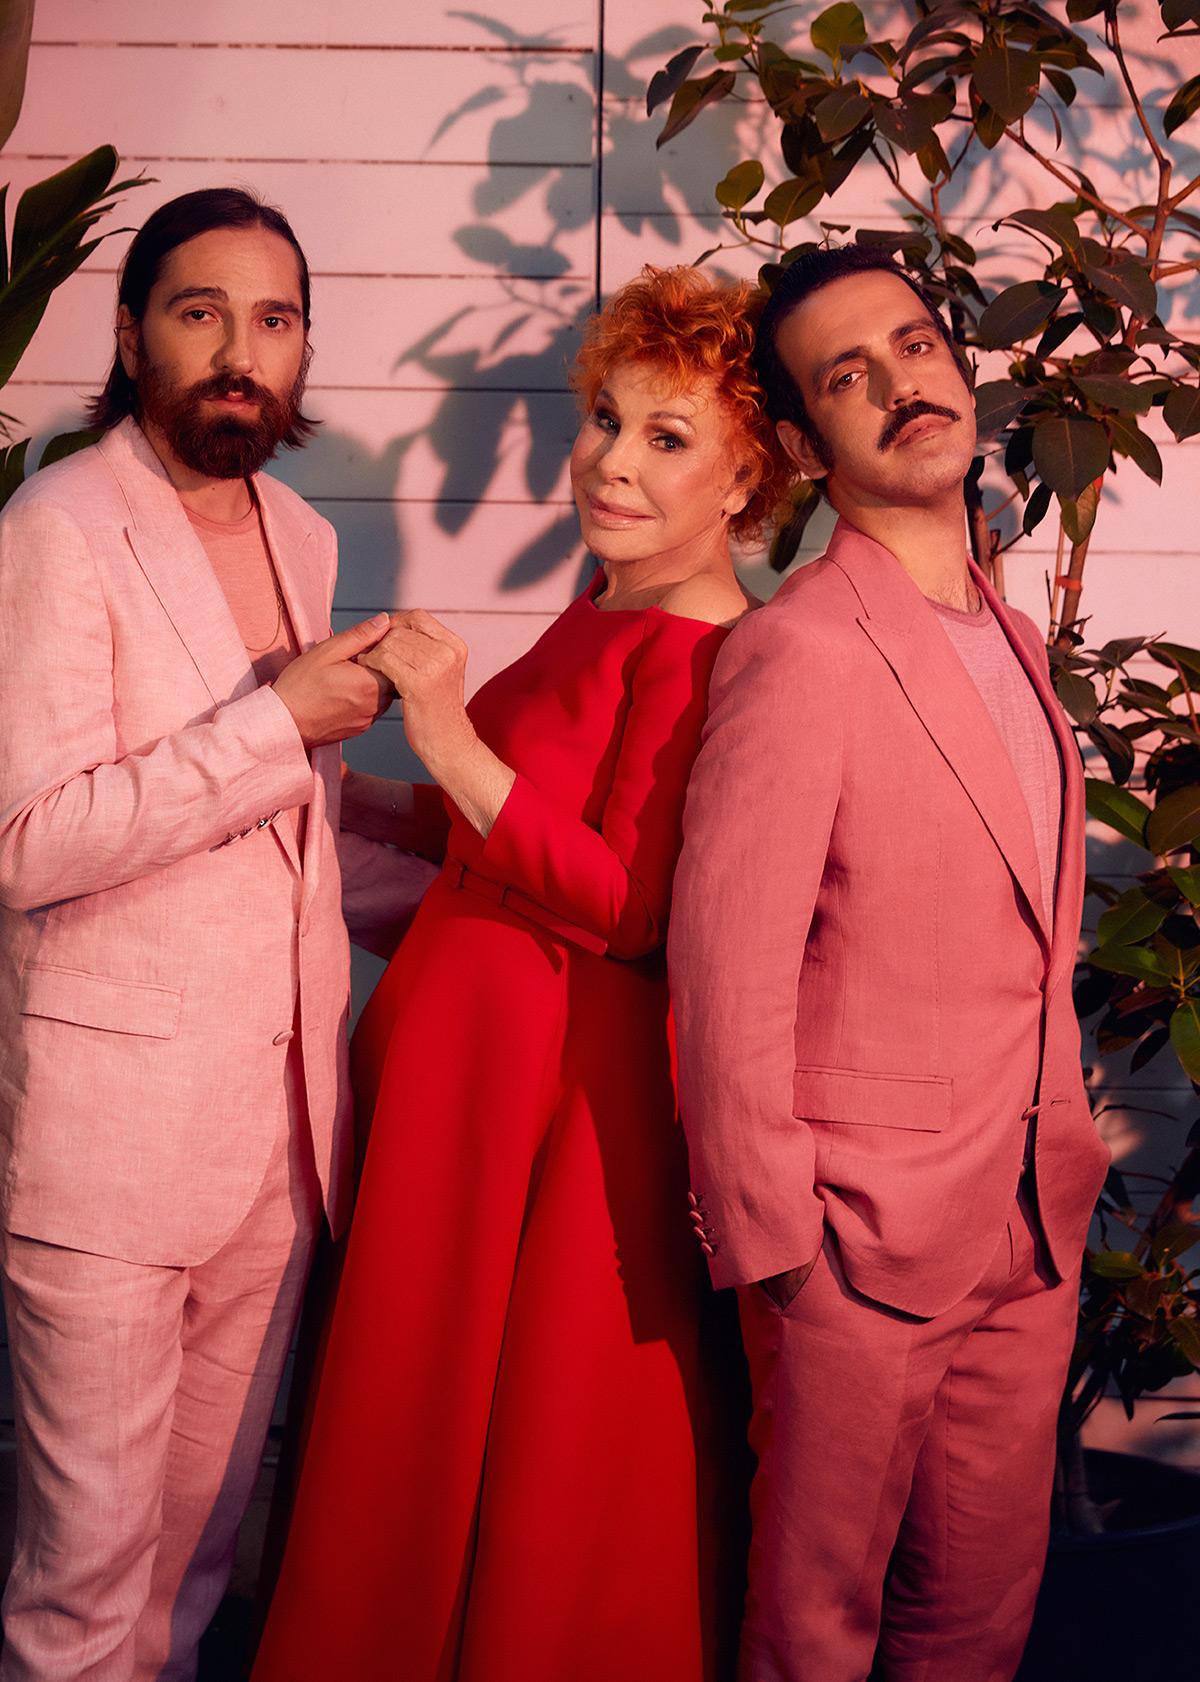 Ornella Vanoni, Colapesce e Dimartino sulla cover di Rolling Stone